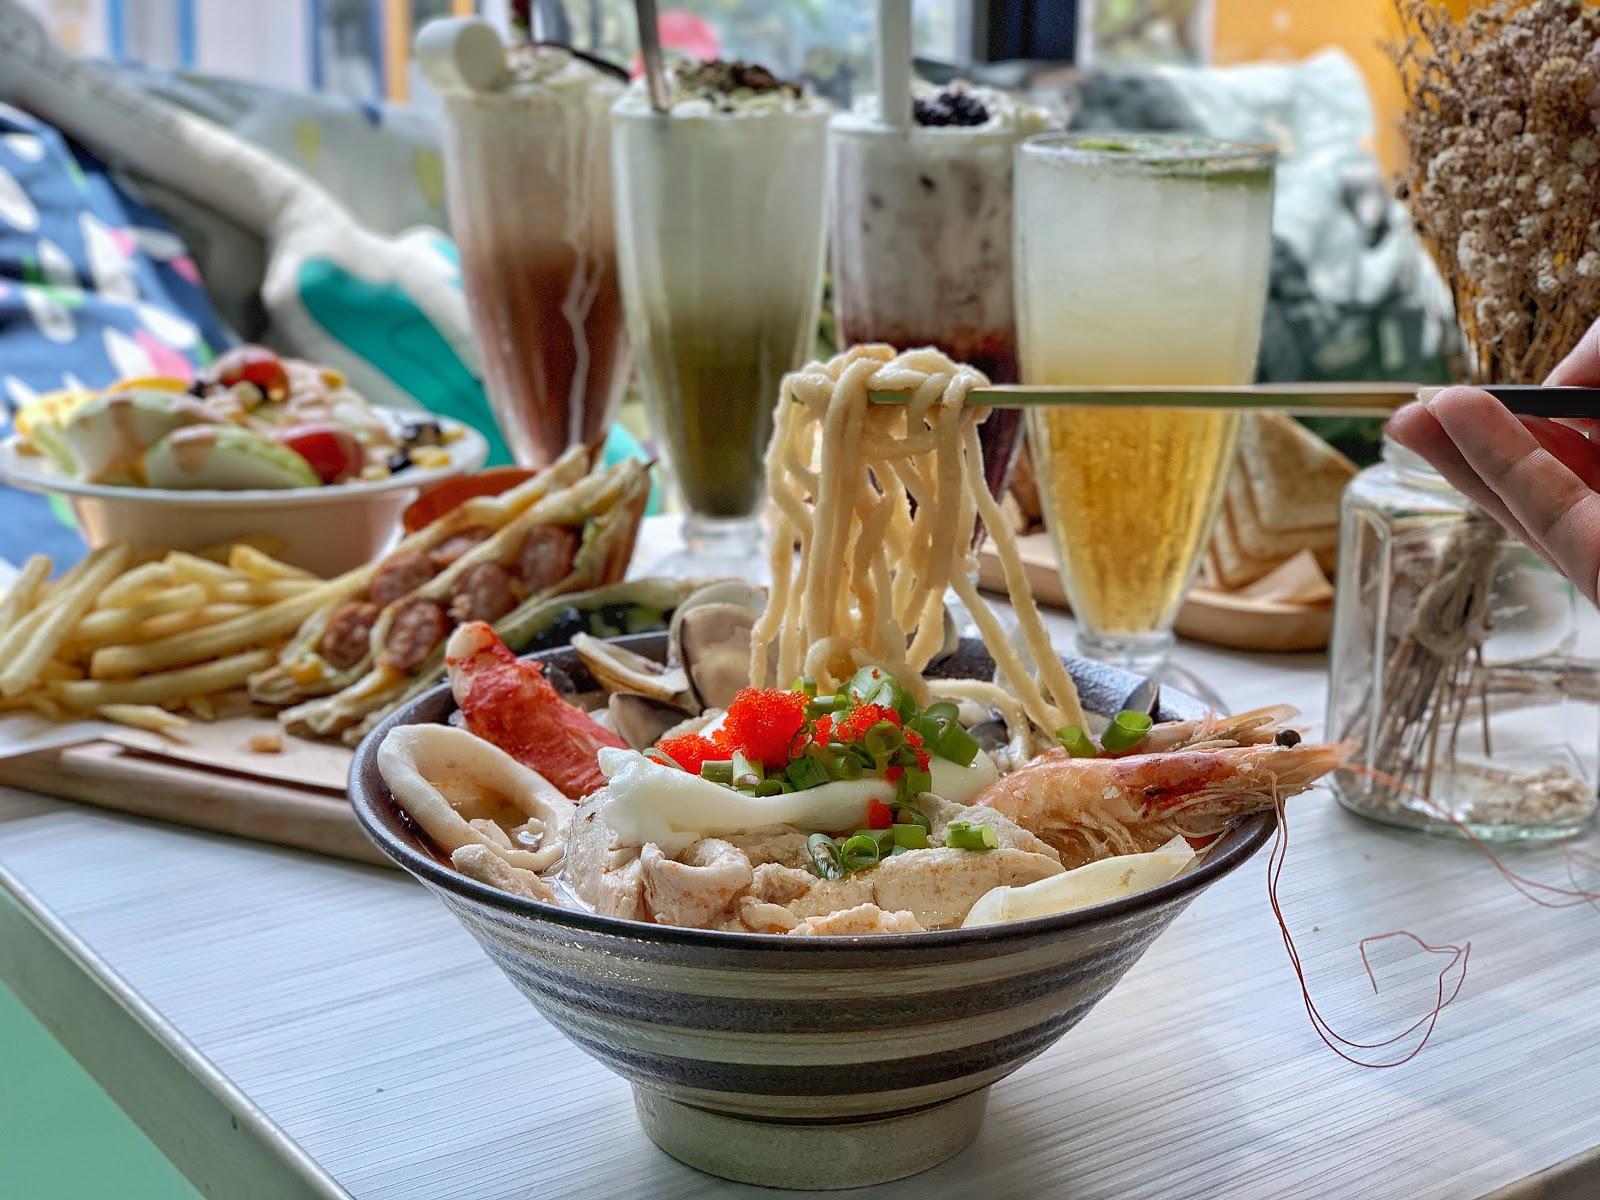 台南東區美食【T&F手作吐司 崇明店】主食餐點